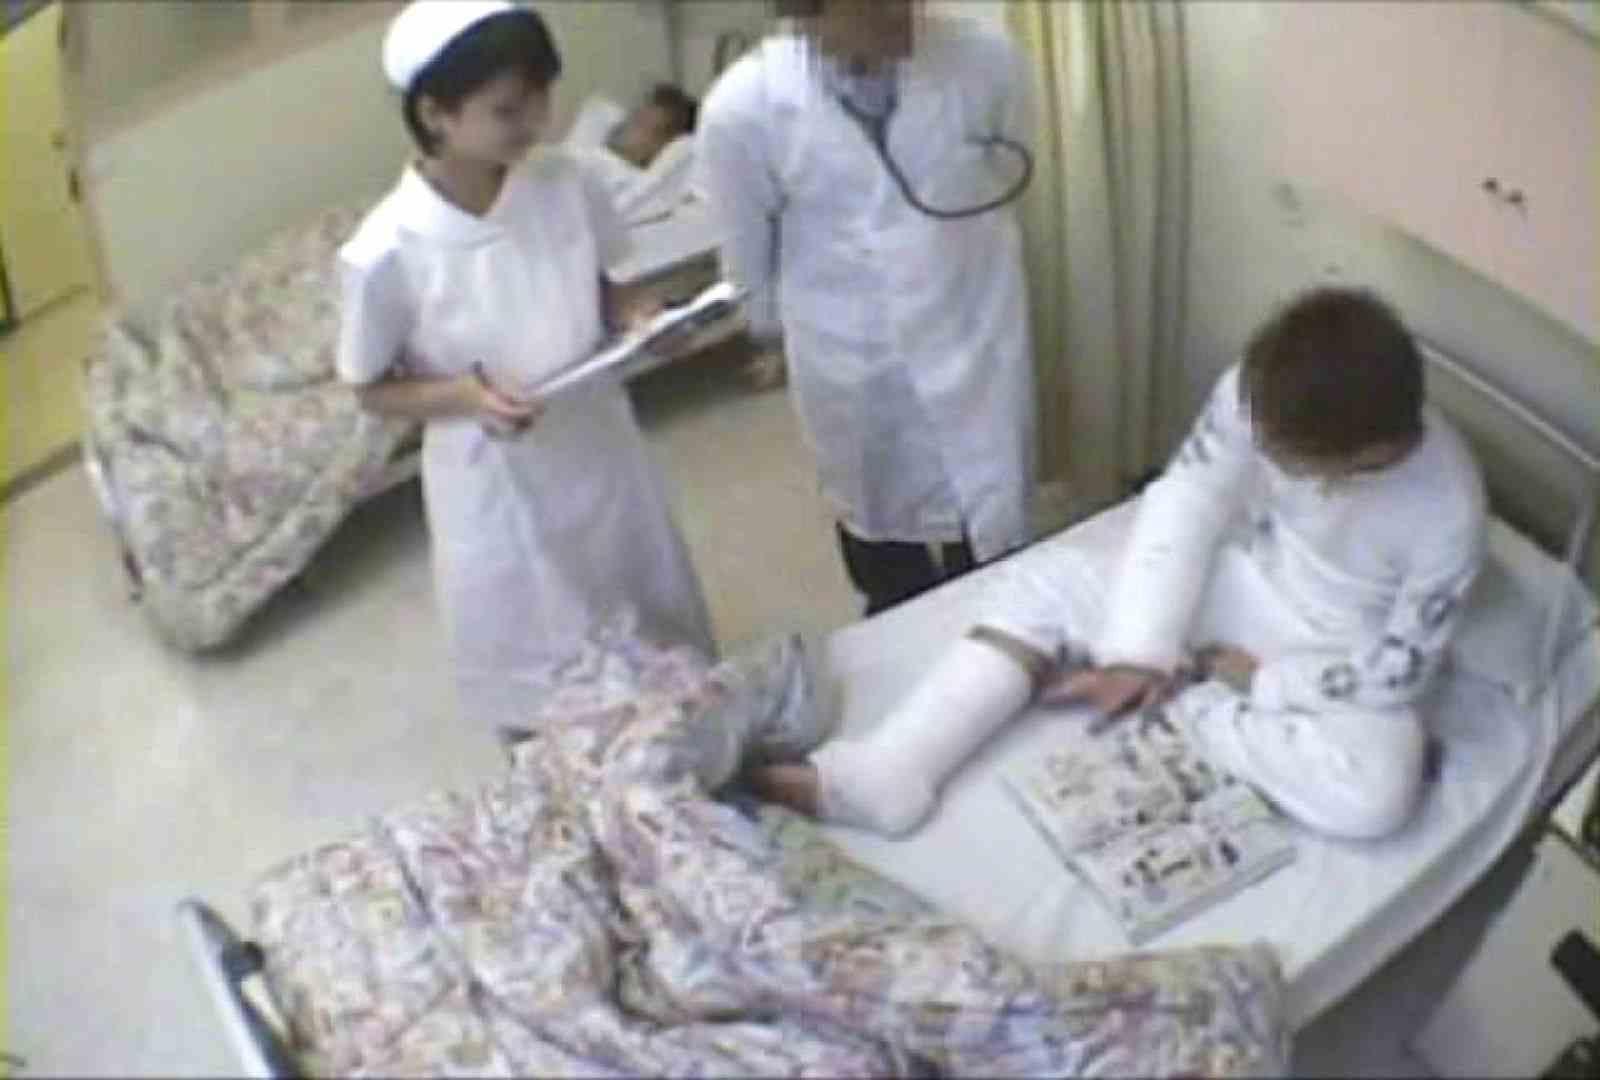 絶対に逝ってはいけない寸止め病棟Vol.6 手マン われめAV動画紹介 99PIX 68